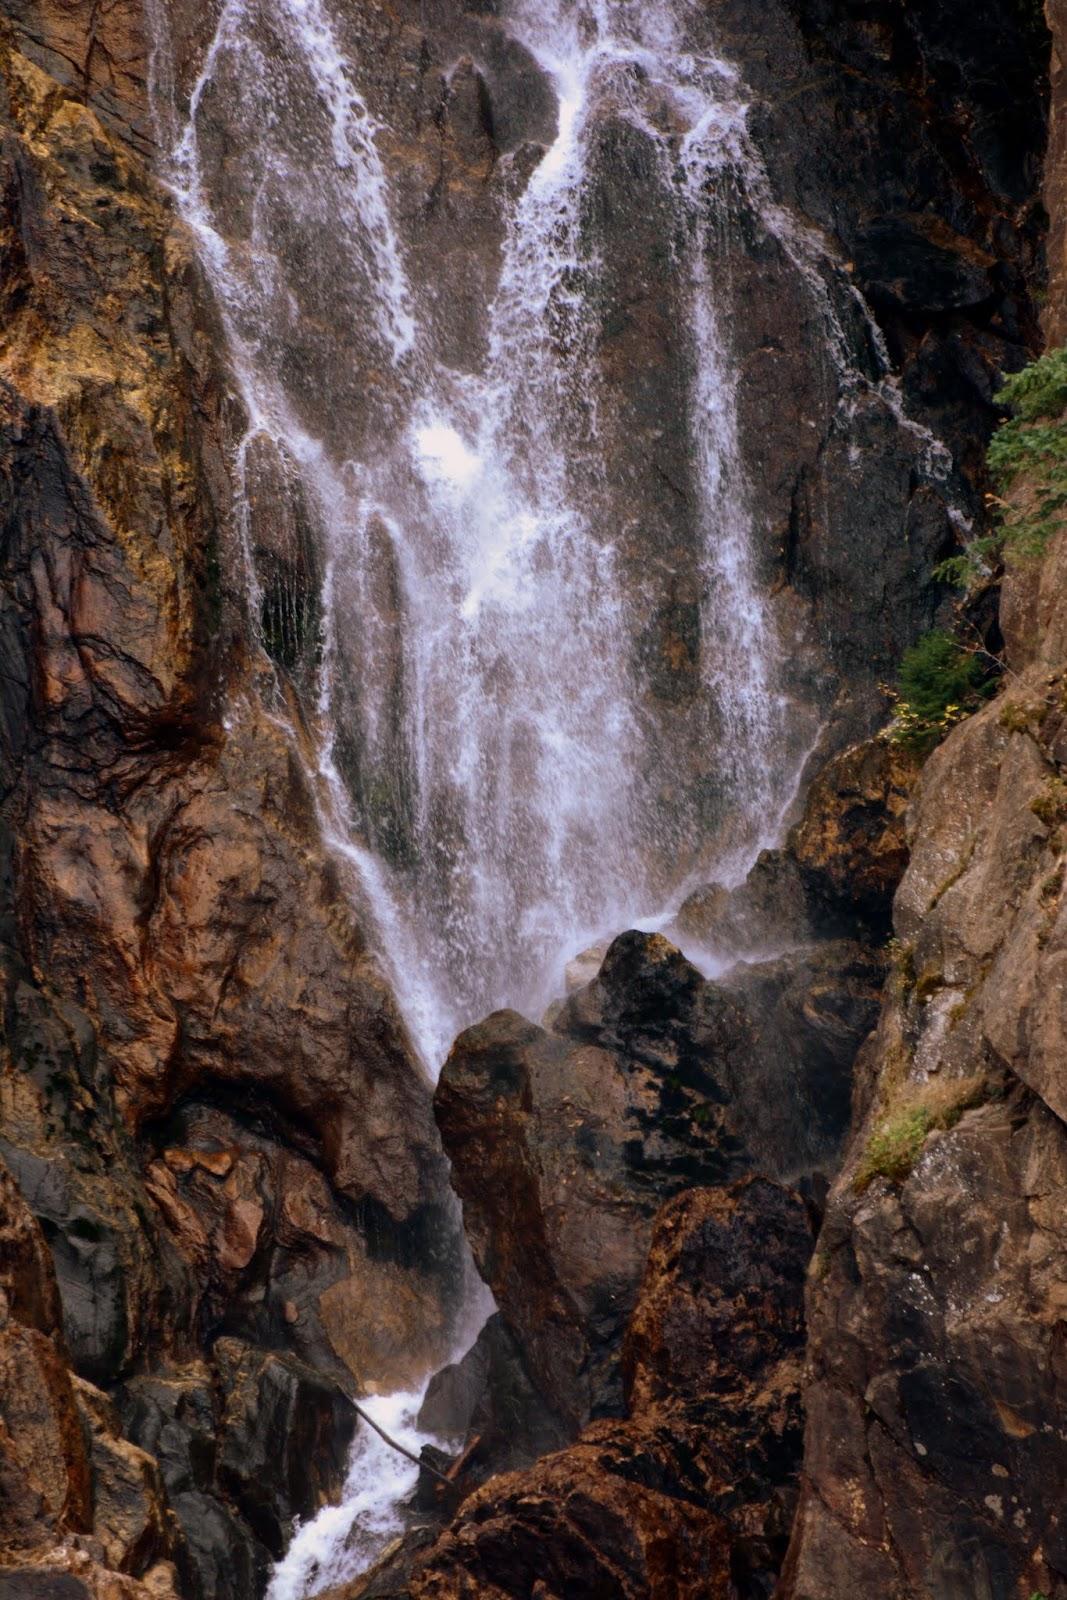 Mille fiori favoriti fish creek falls steamboat springs for Fish creek falls